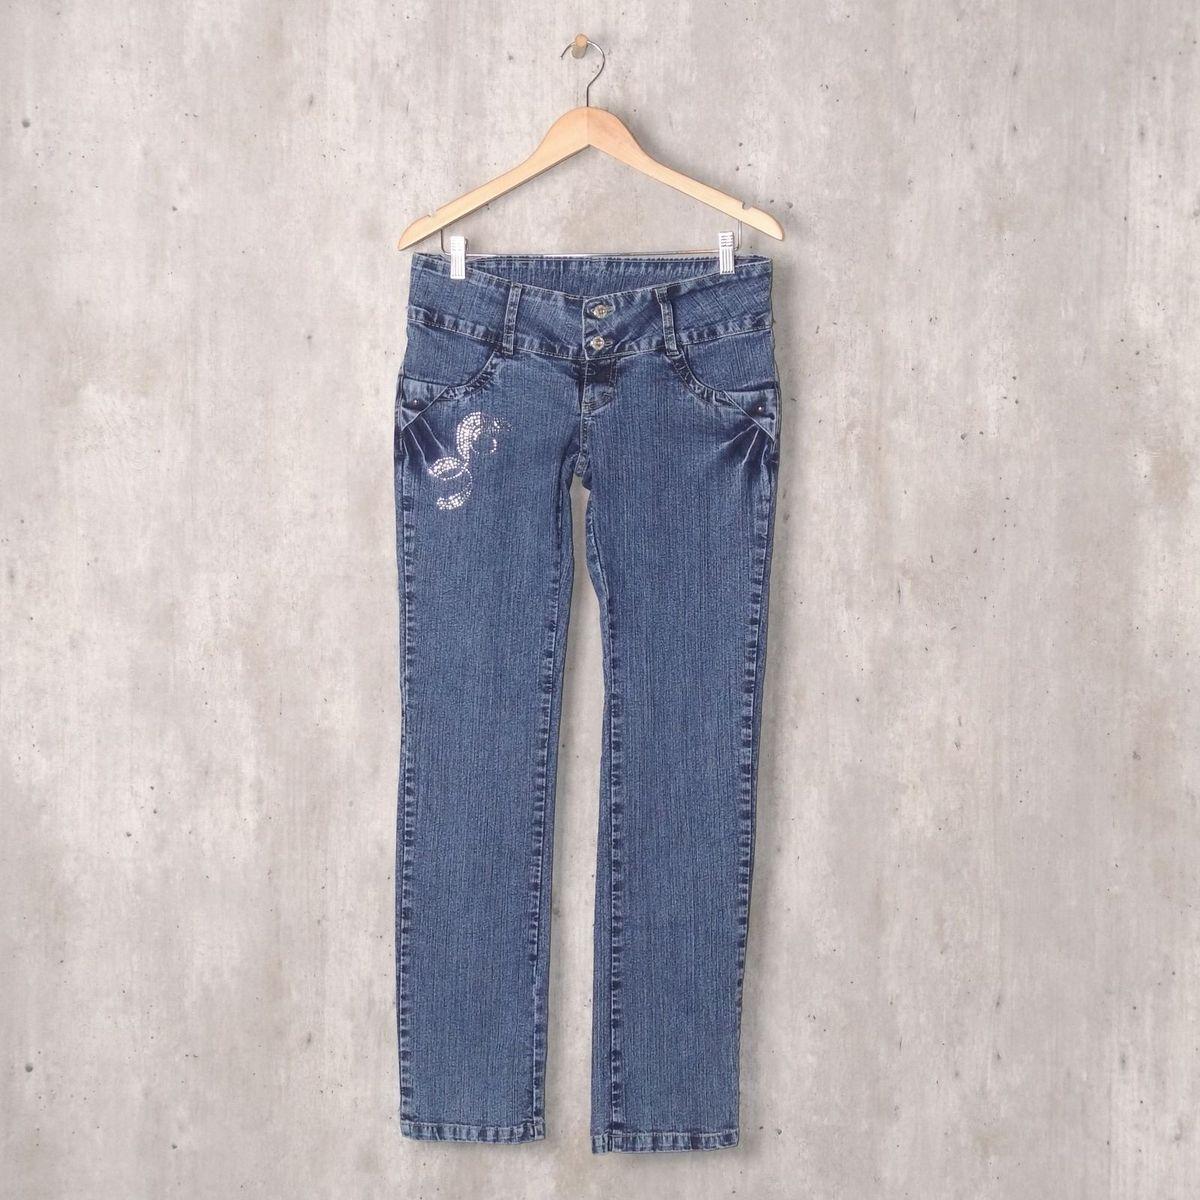 bab3cc9d4 Calça Jeans Vintage Strass | Calça Feminina Etiqueta Urbana Usado 31614430  | enjoei